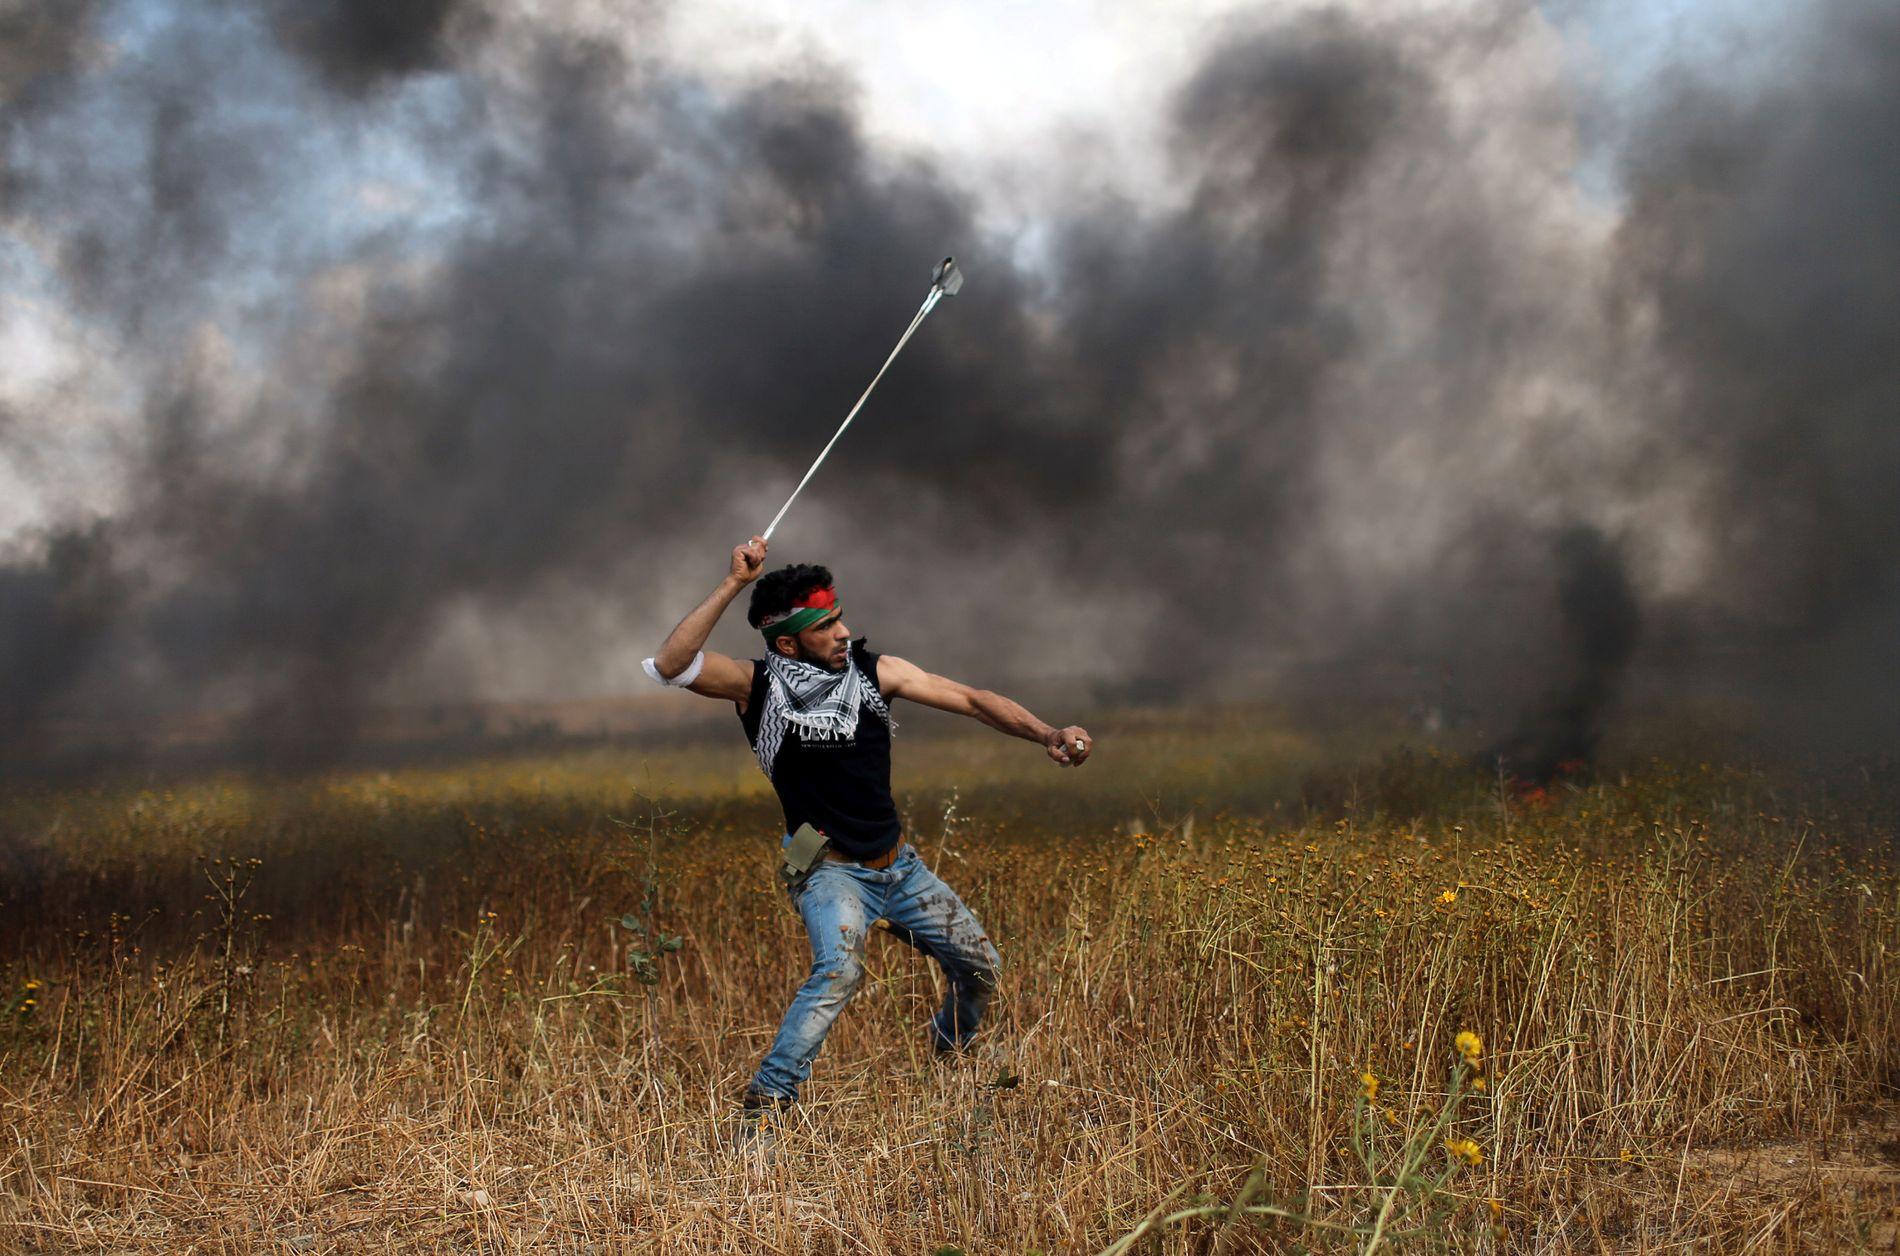 SINNE: En palestinsk mann kaster steiner mot israelske sikkerhetsstyrker under Gaza-demonstrasjonen forrige fredag.